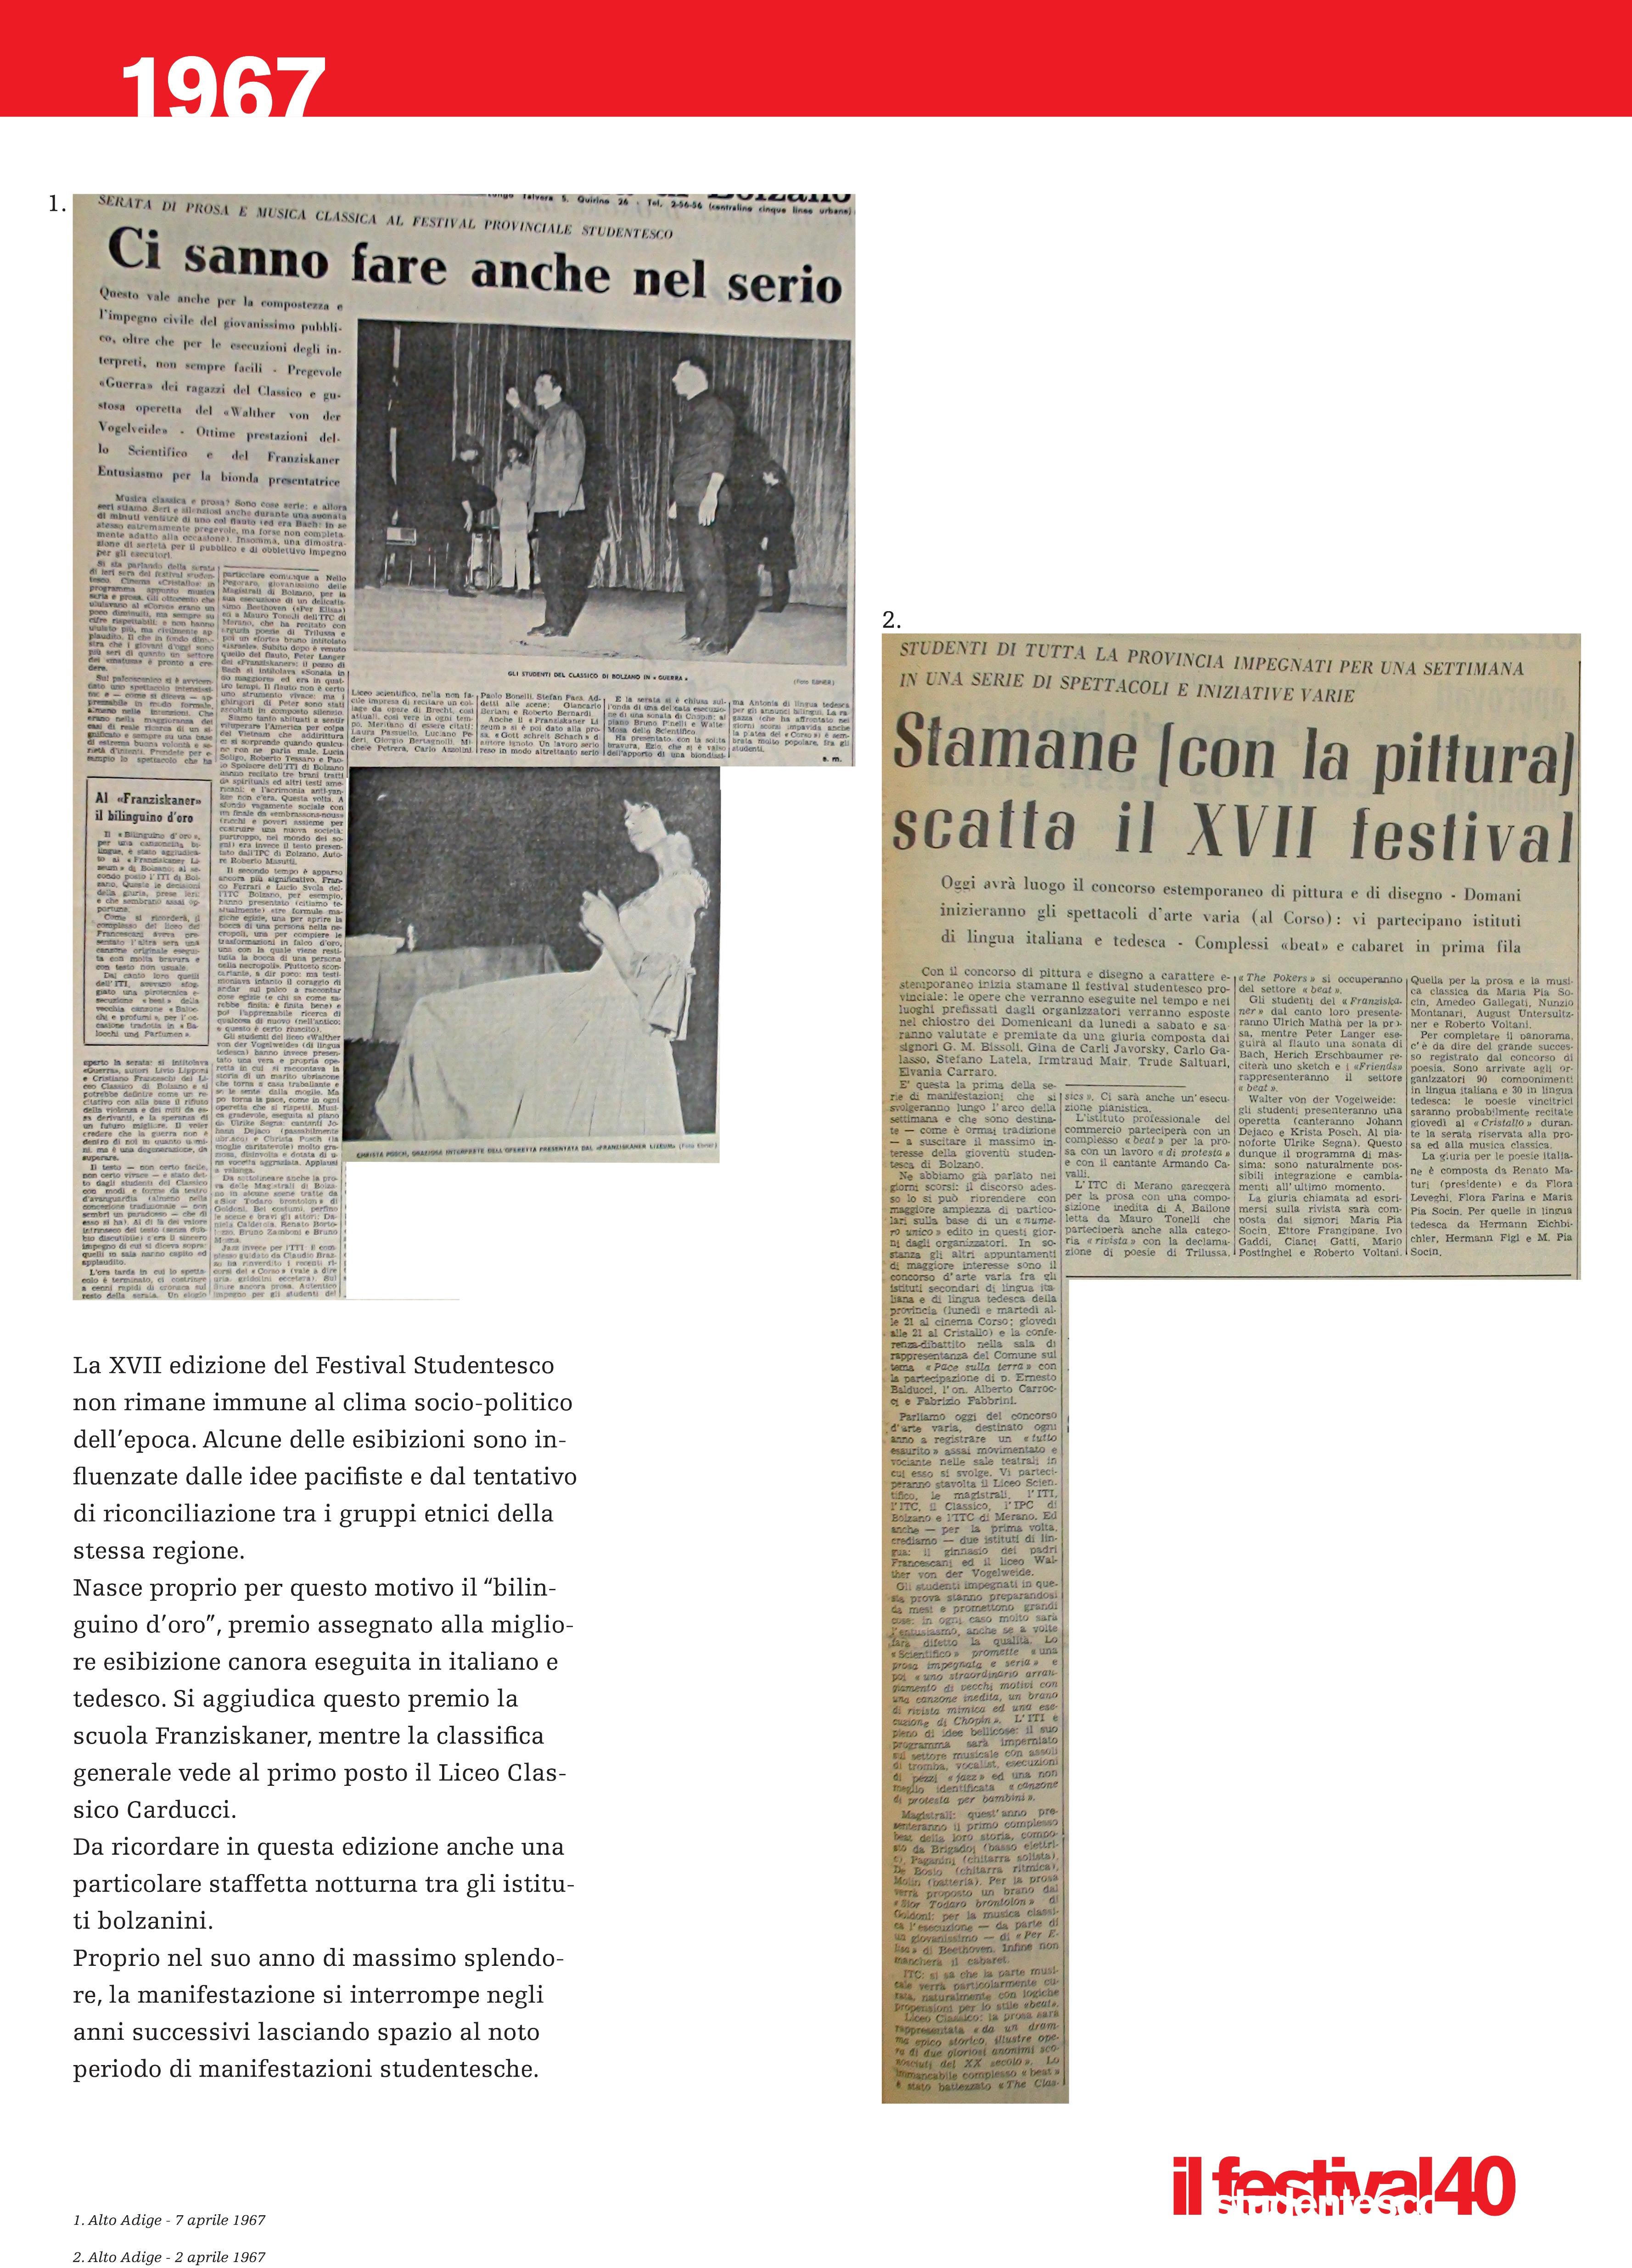 1967_1.jpg